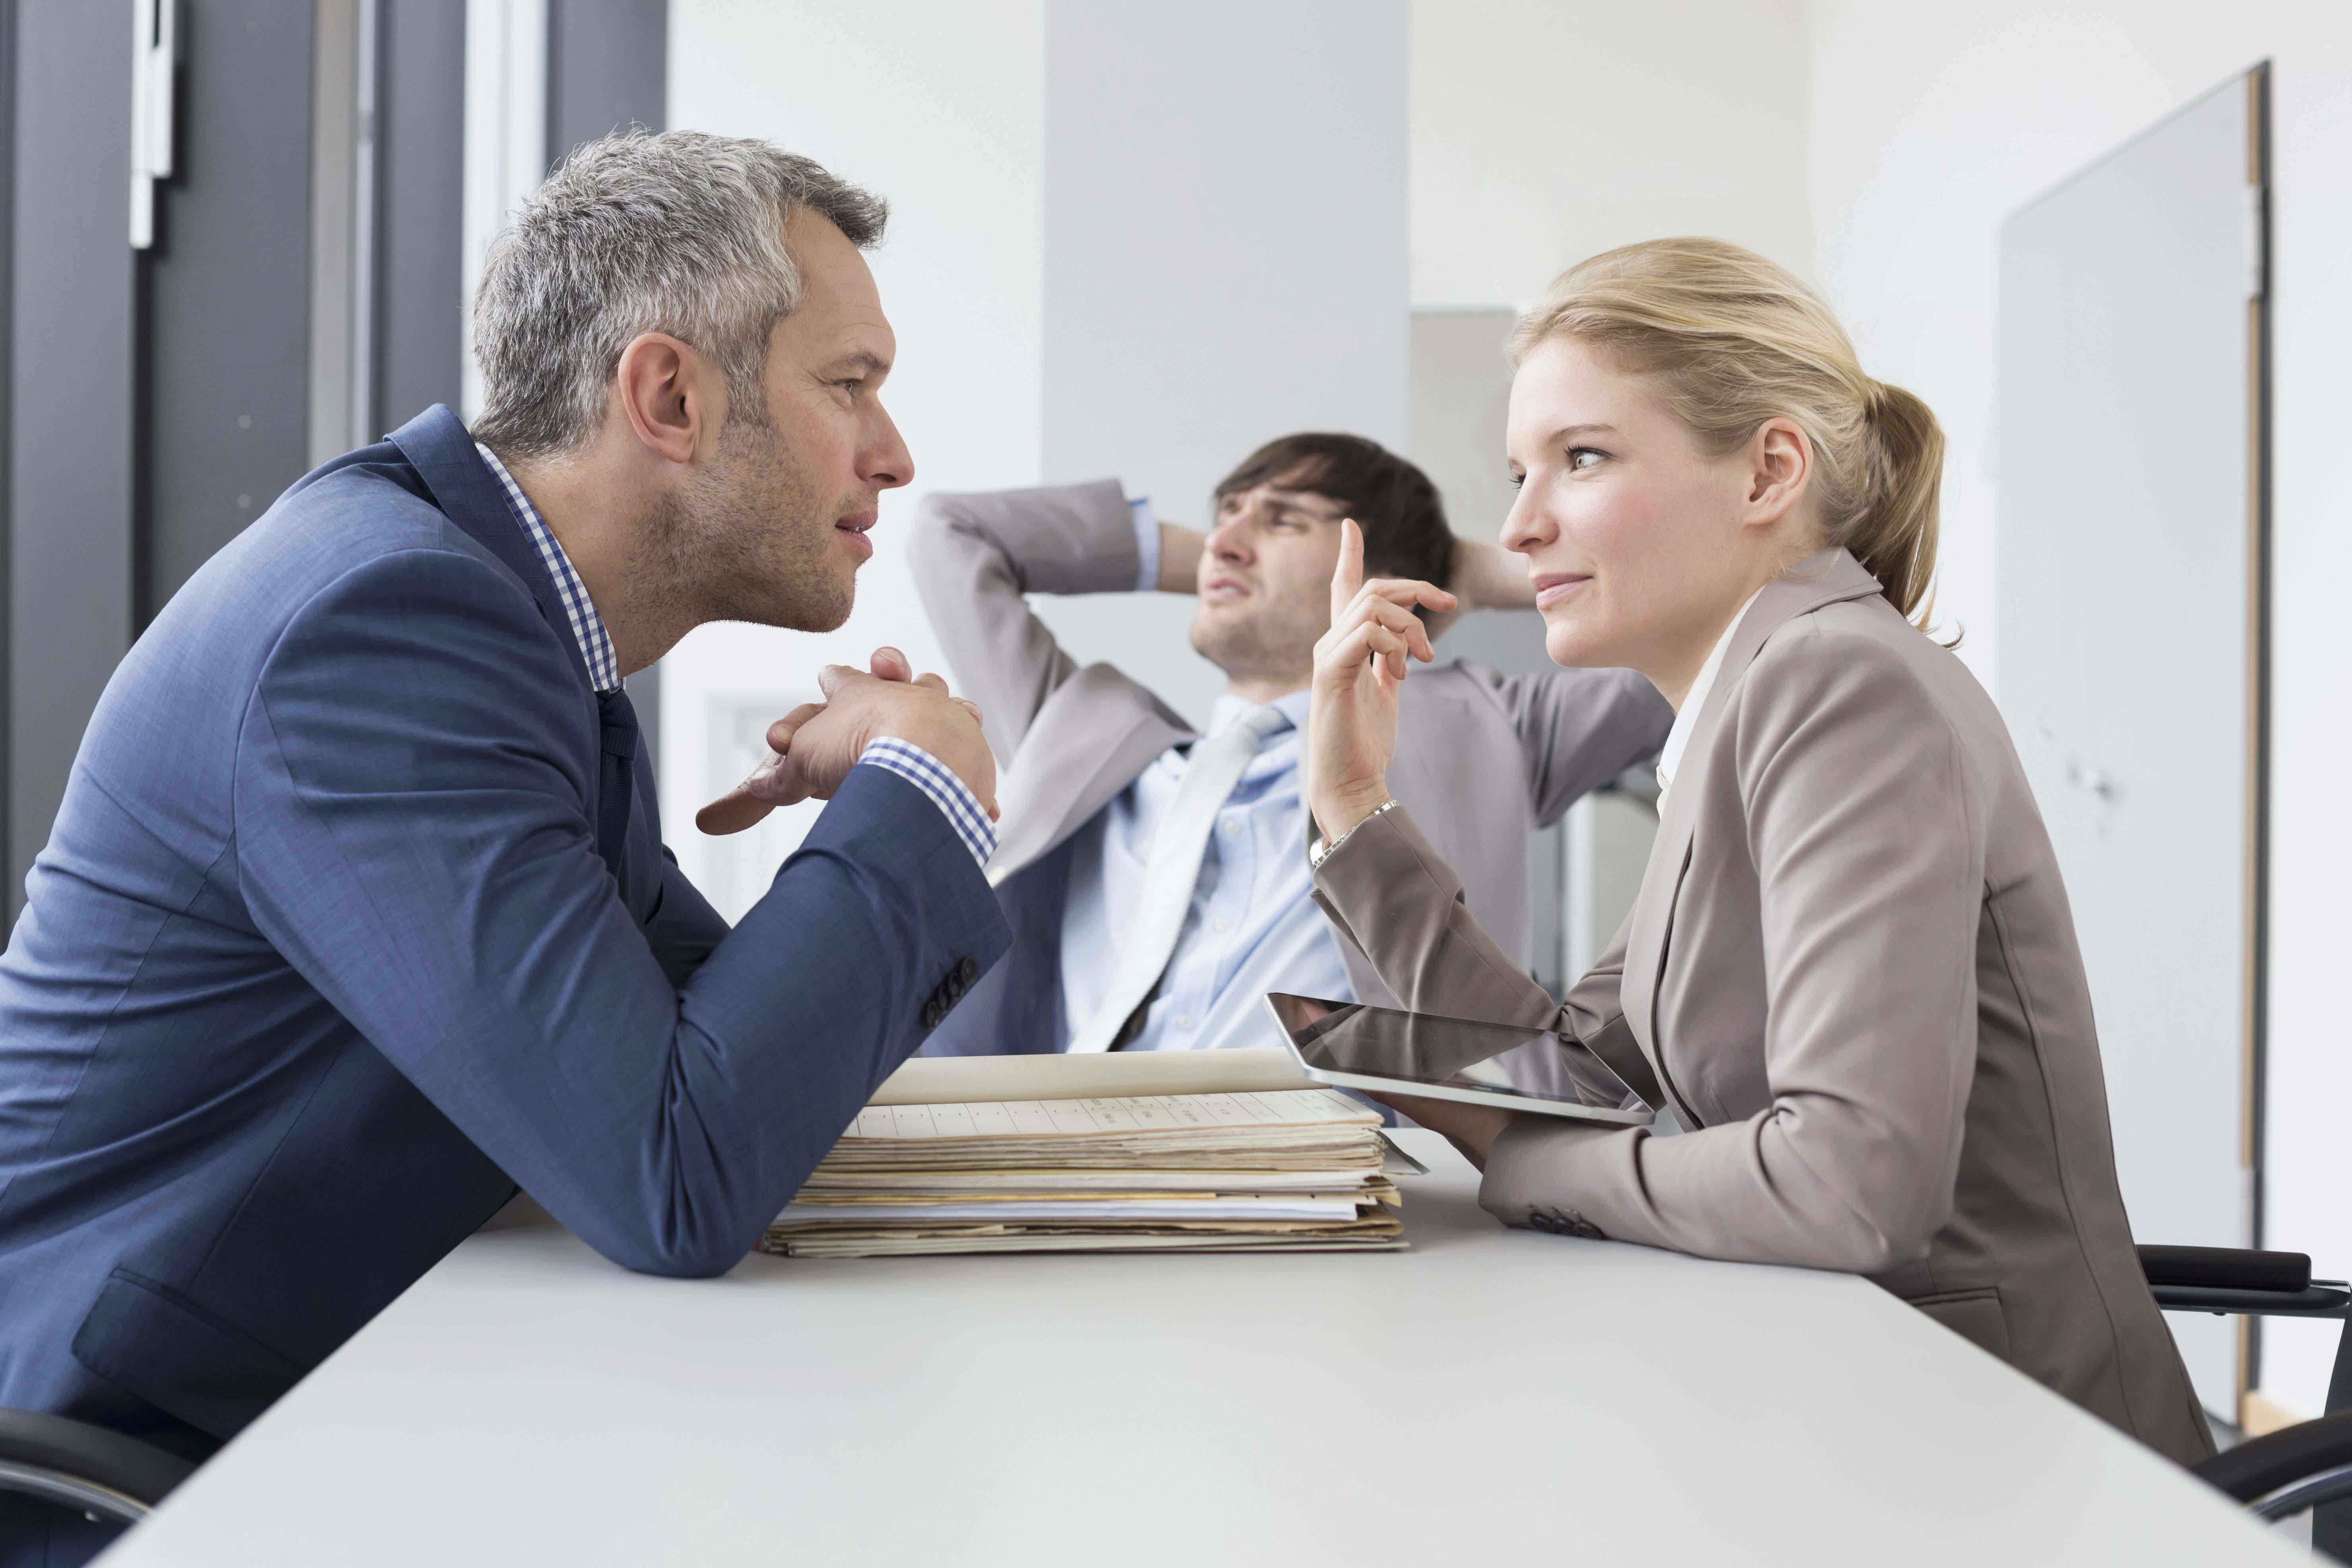 Иногда для предотвращения неприятной ситуации достаточно просто пошутить, и конфликт будет исчерпан